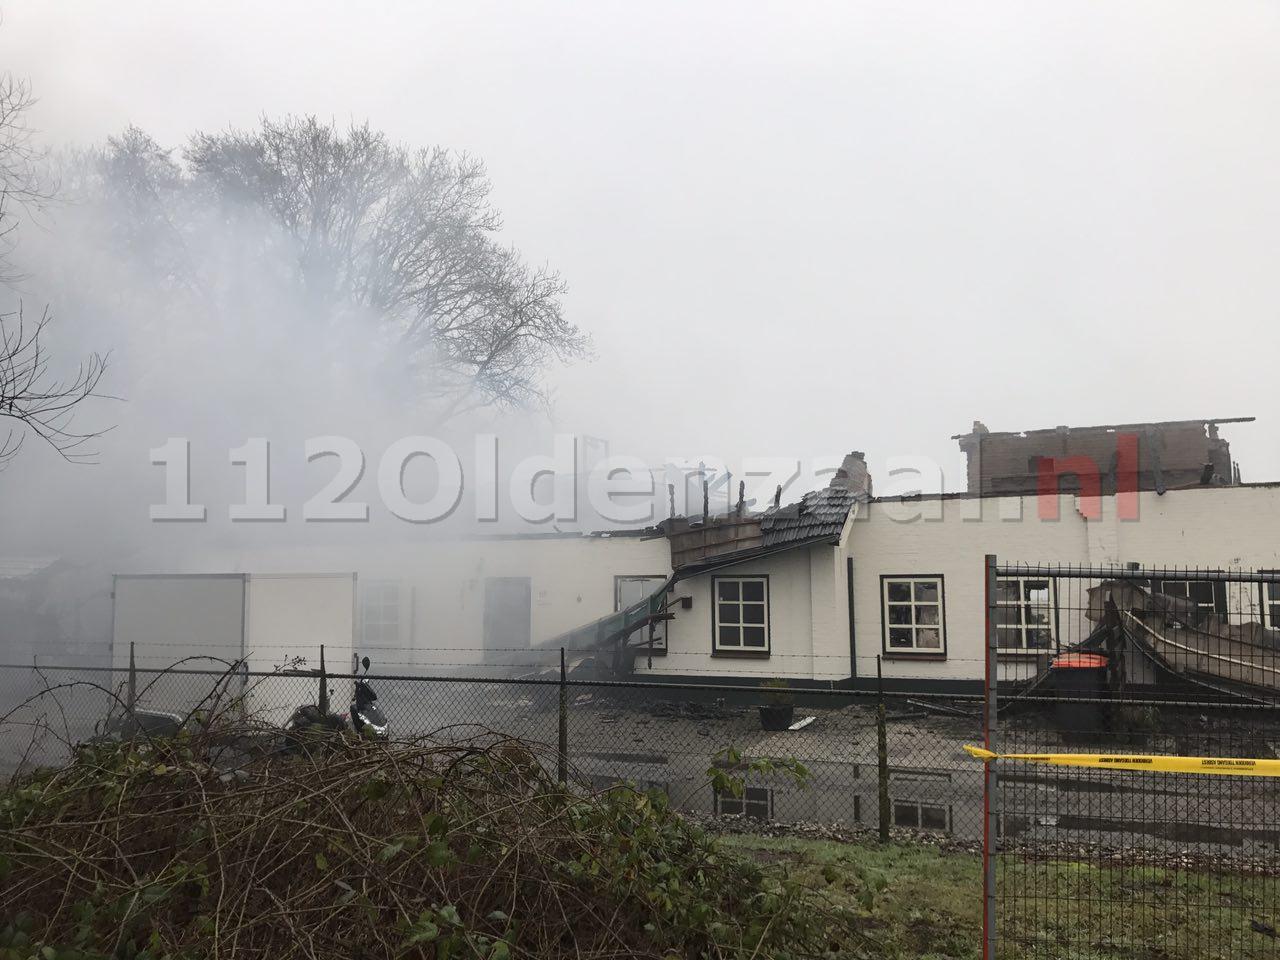 Foto 2: Grote brand woonboerderij Denekamp; Ravage goed zichtbaar bij daglicht